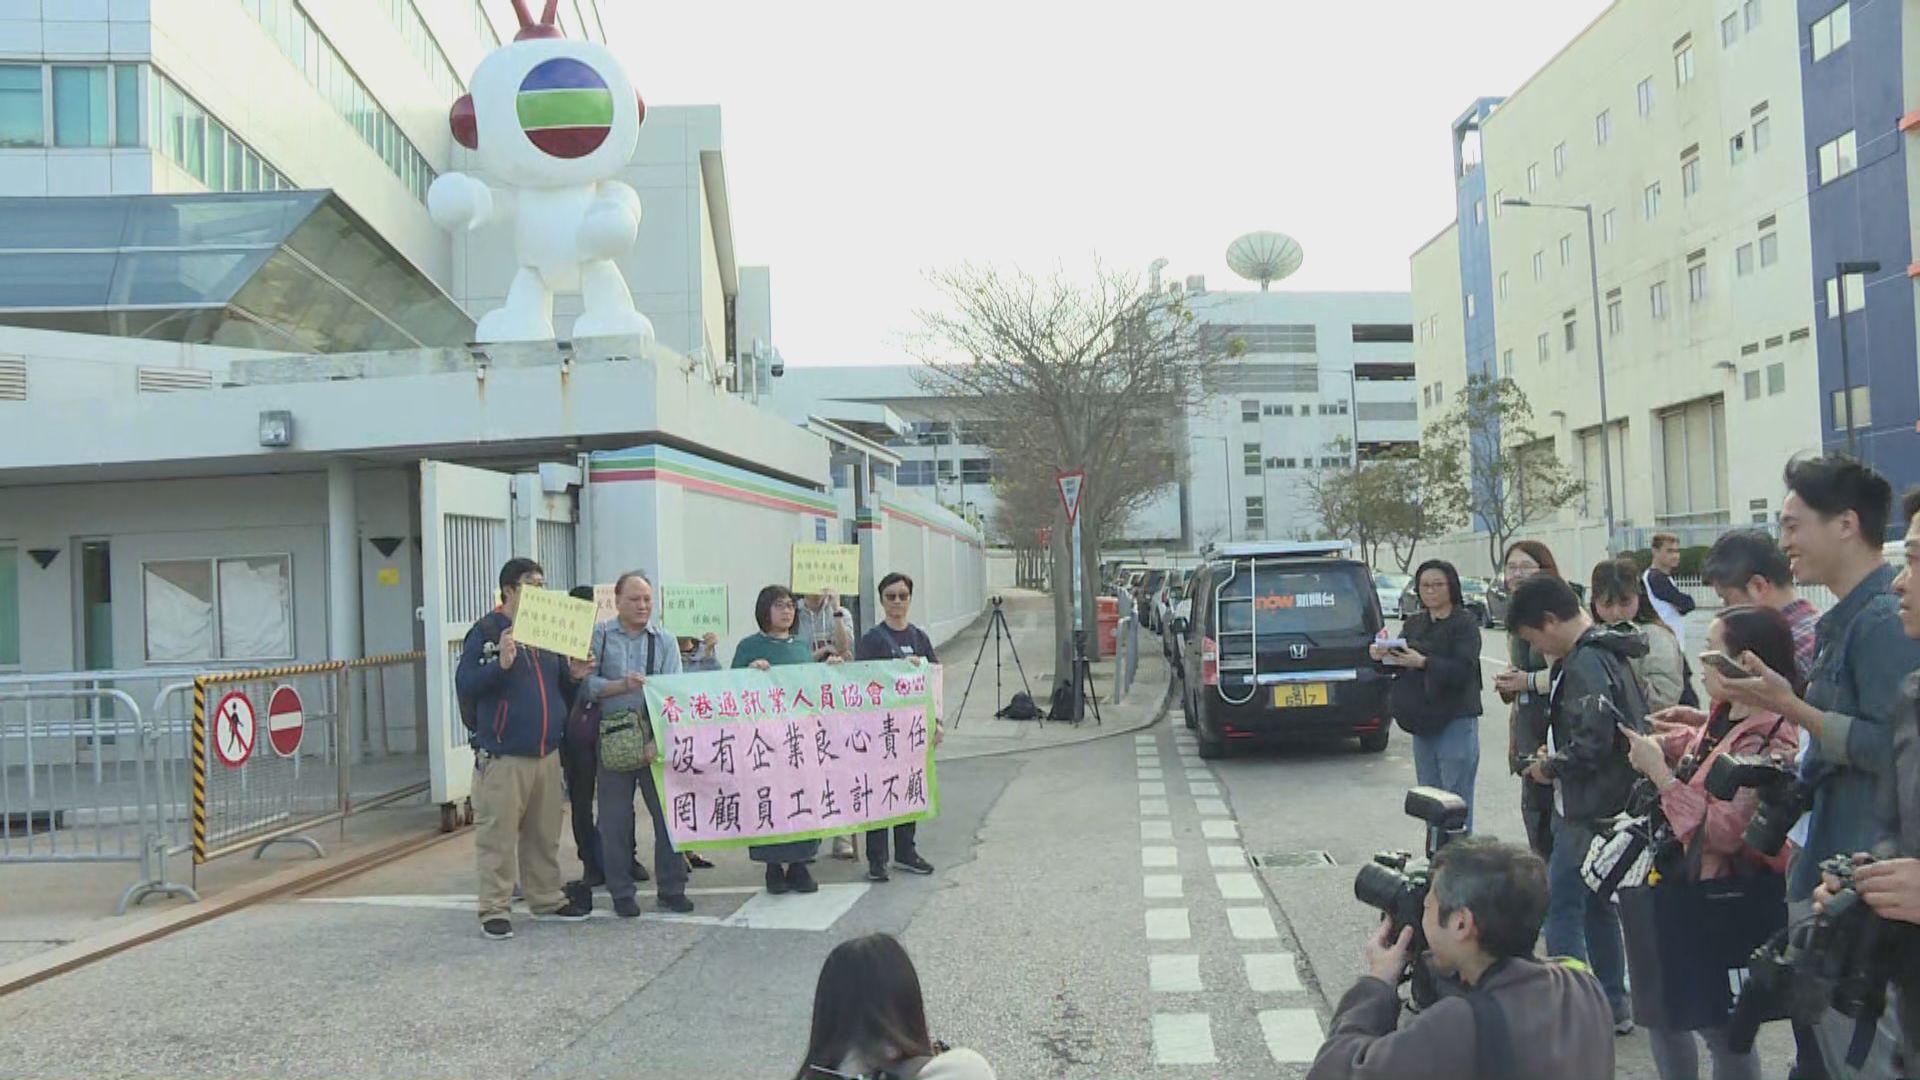 通訊業人員協會到電視廣播城抗議裁員